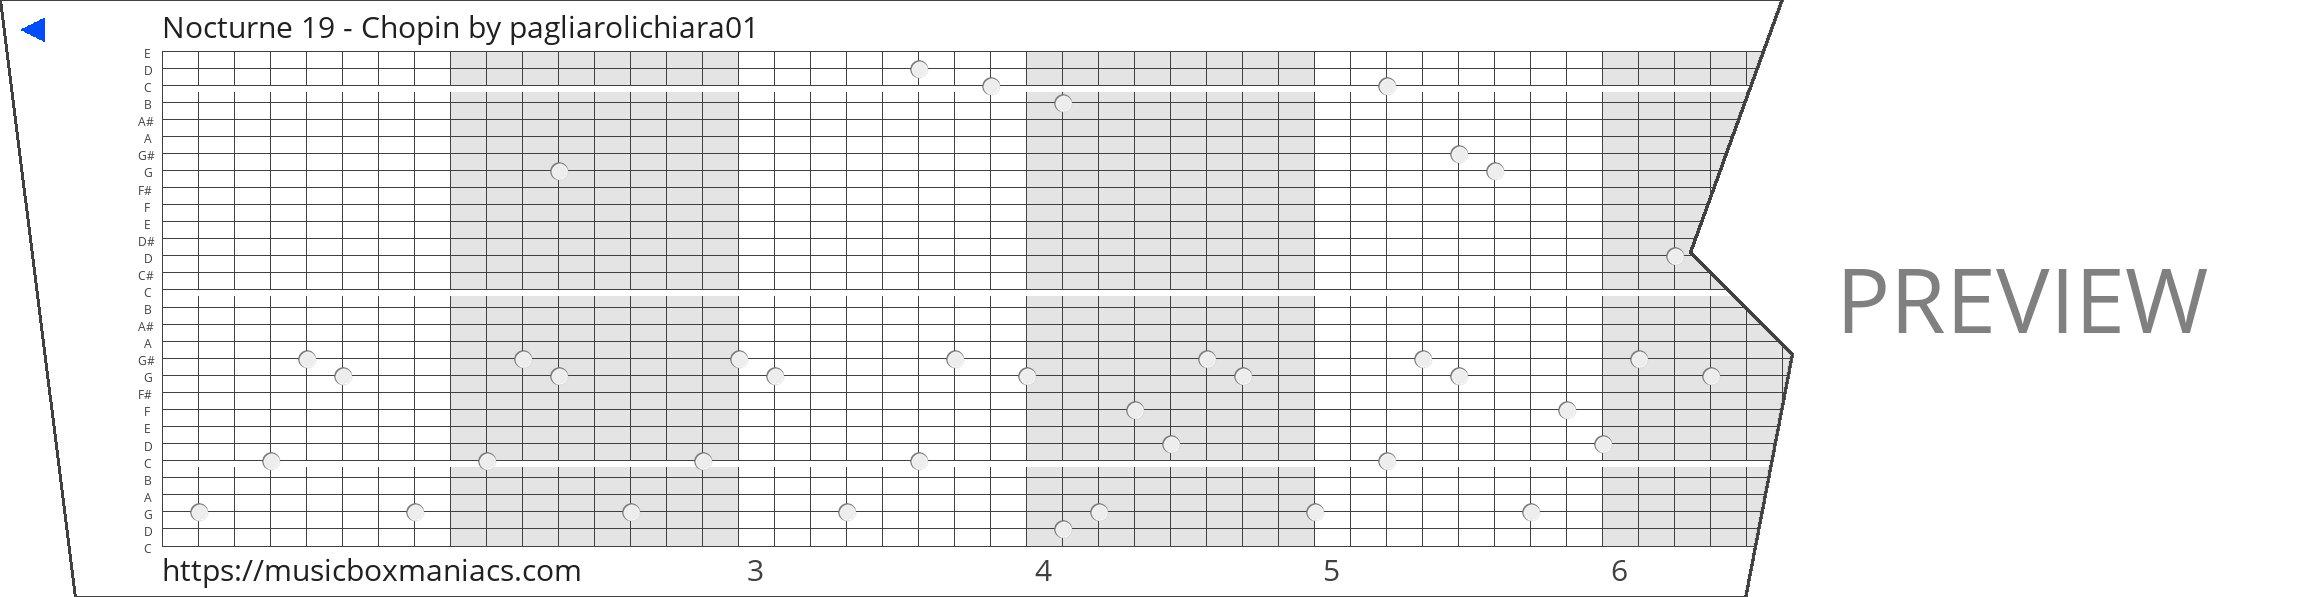 Nocturne 19 - Chopin 30 note music box paper strip